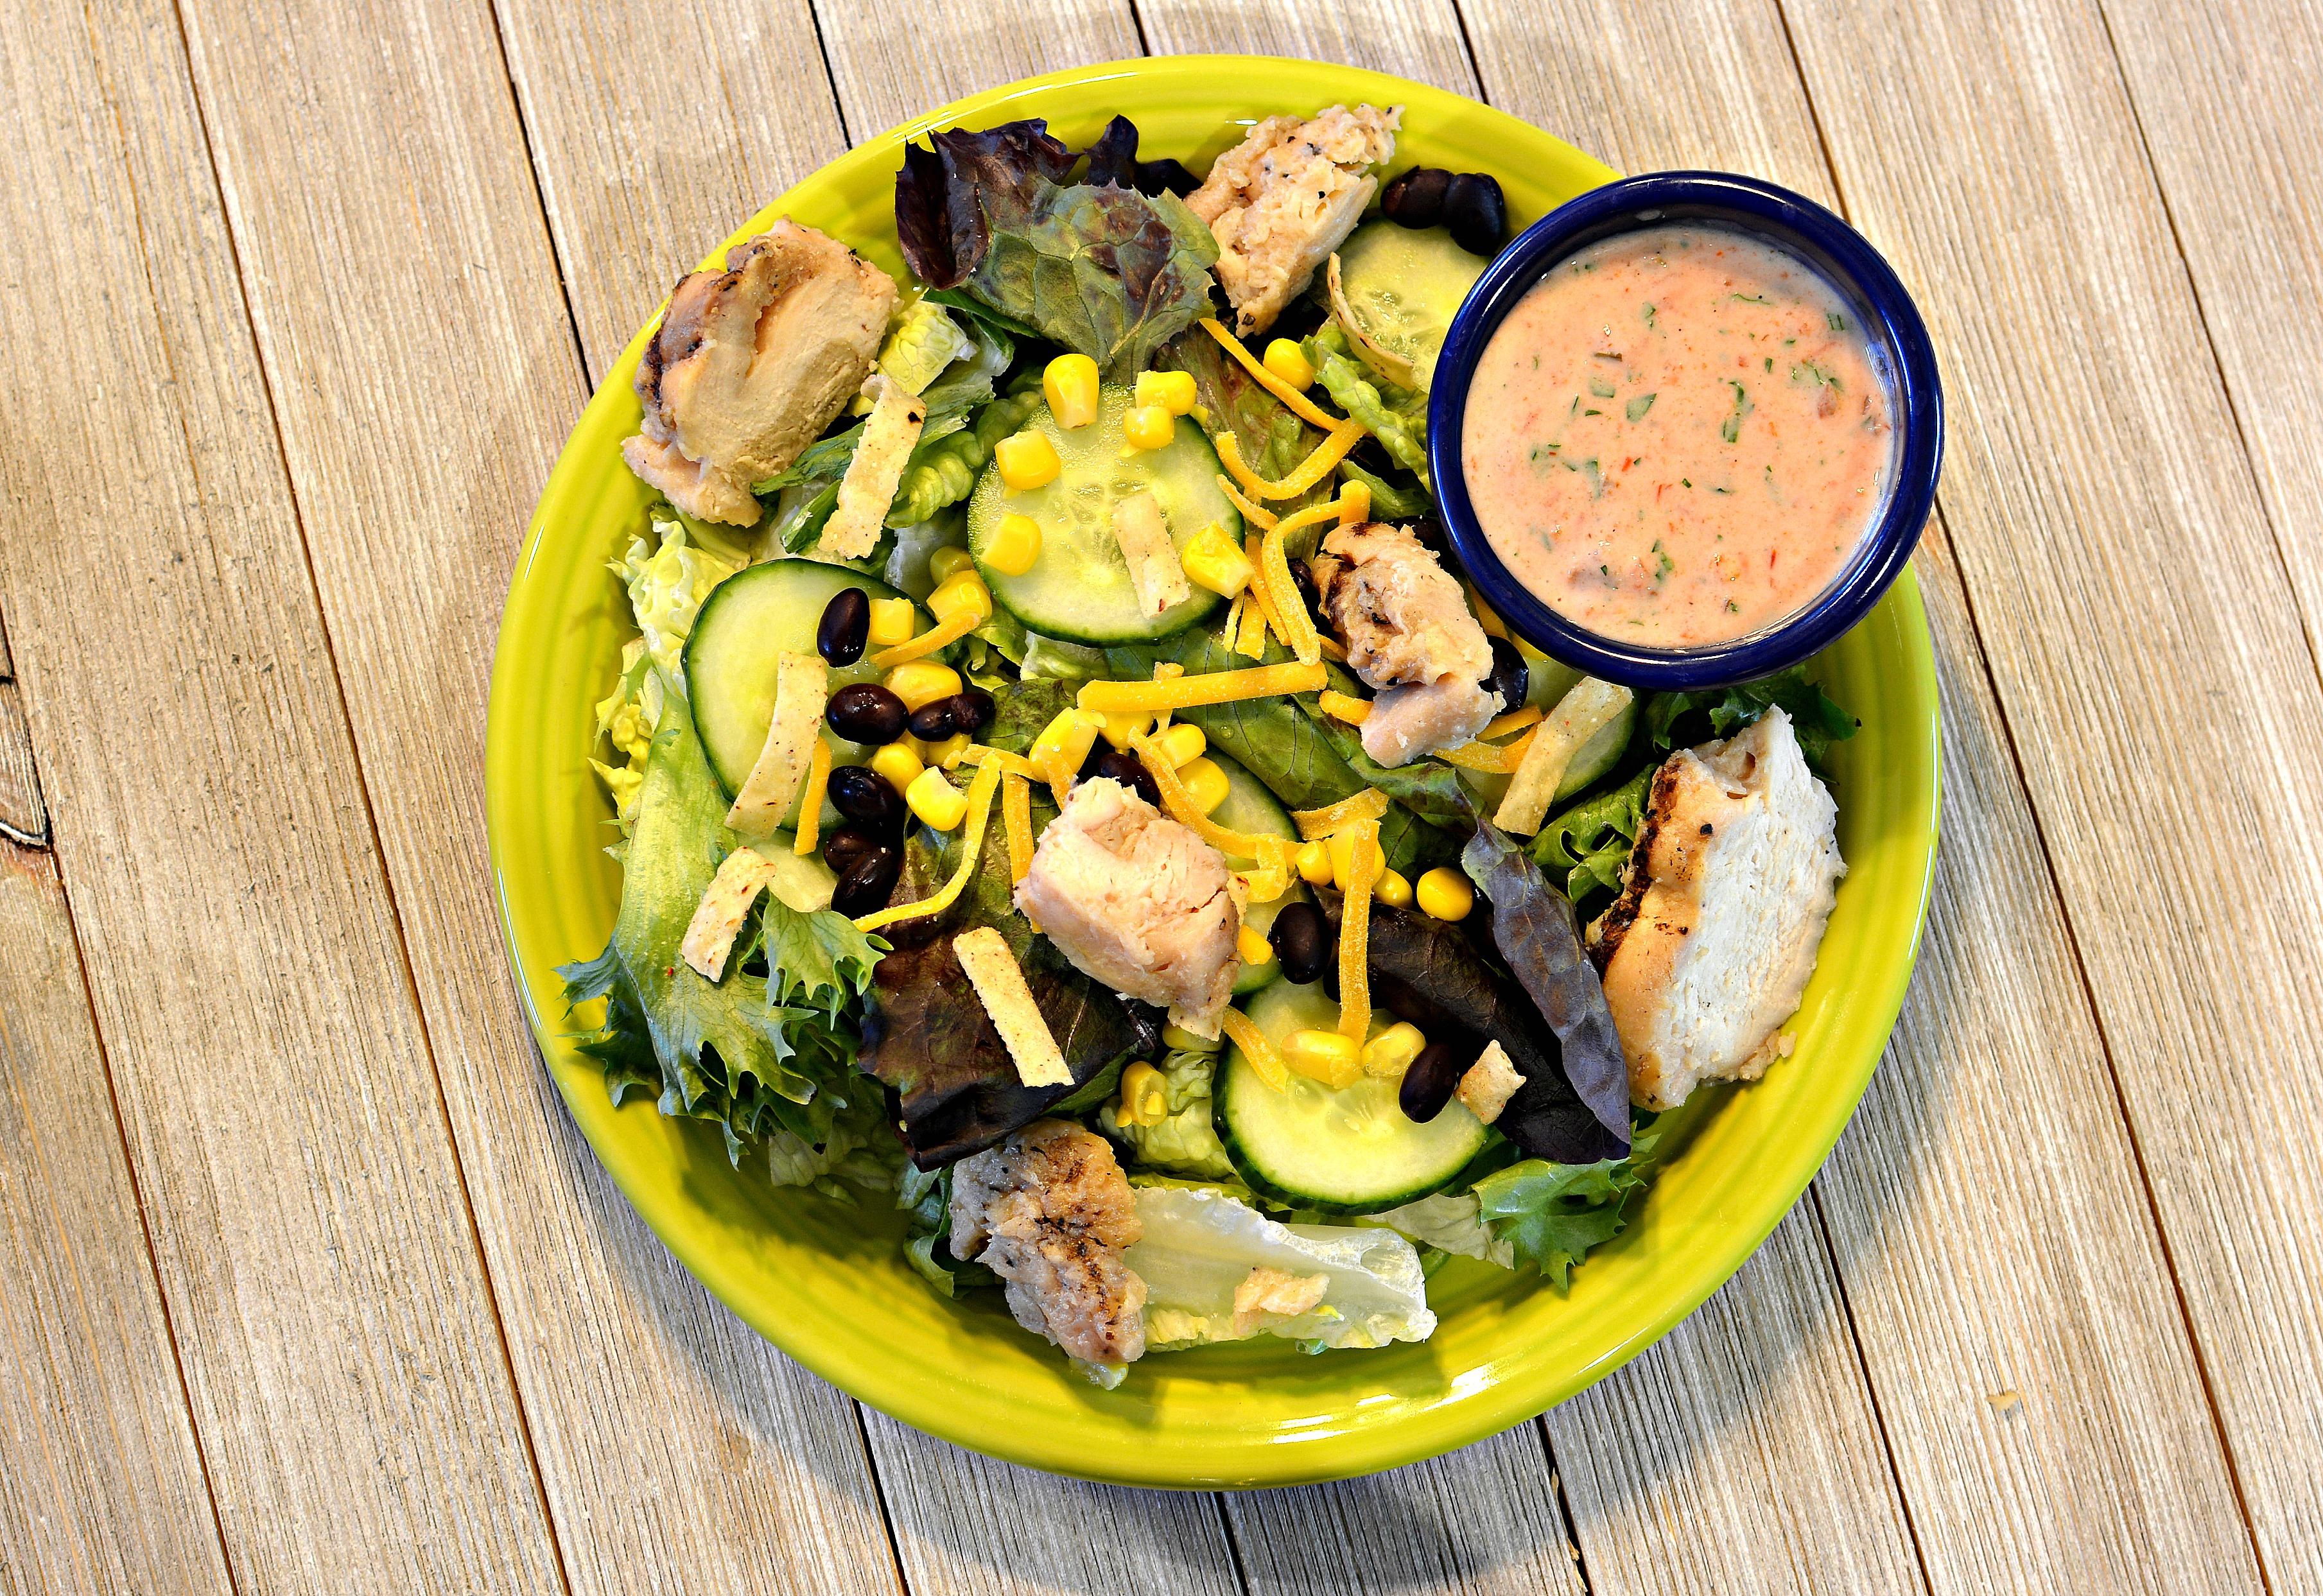 Fiesta Grilled Chicken Salad